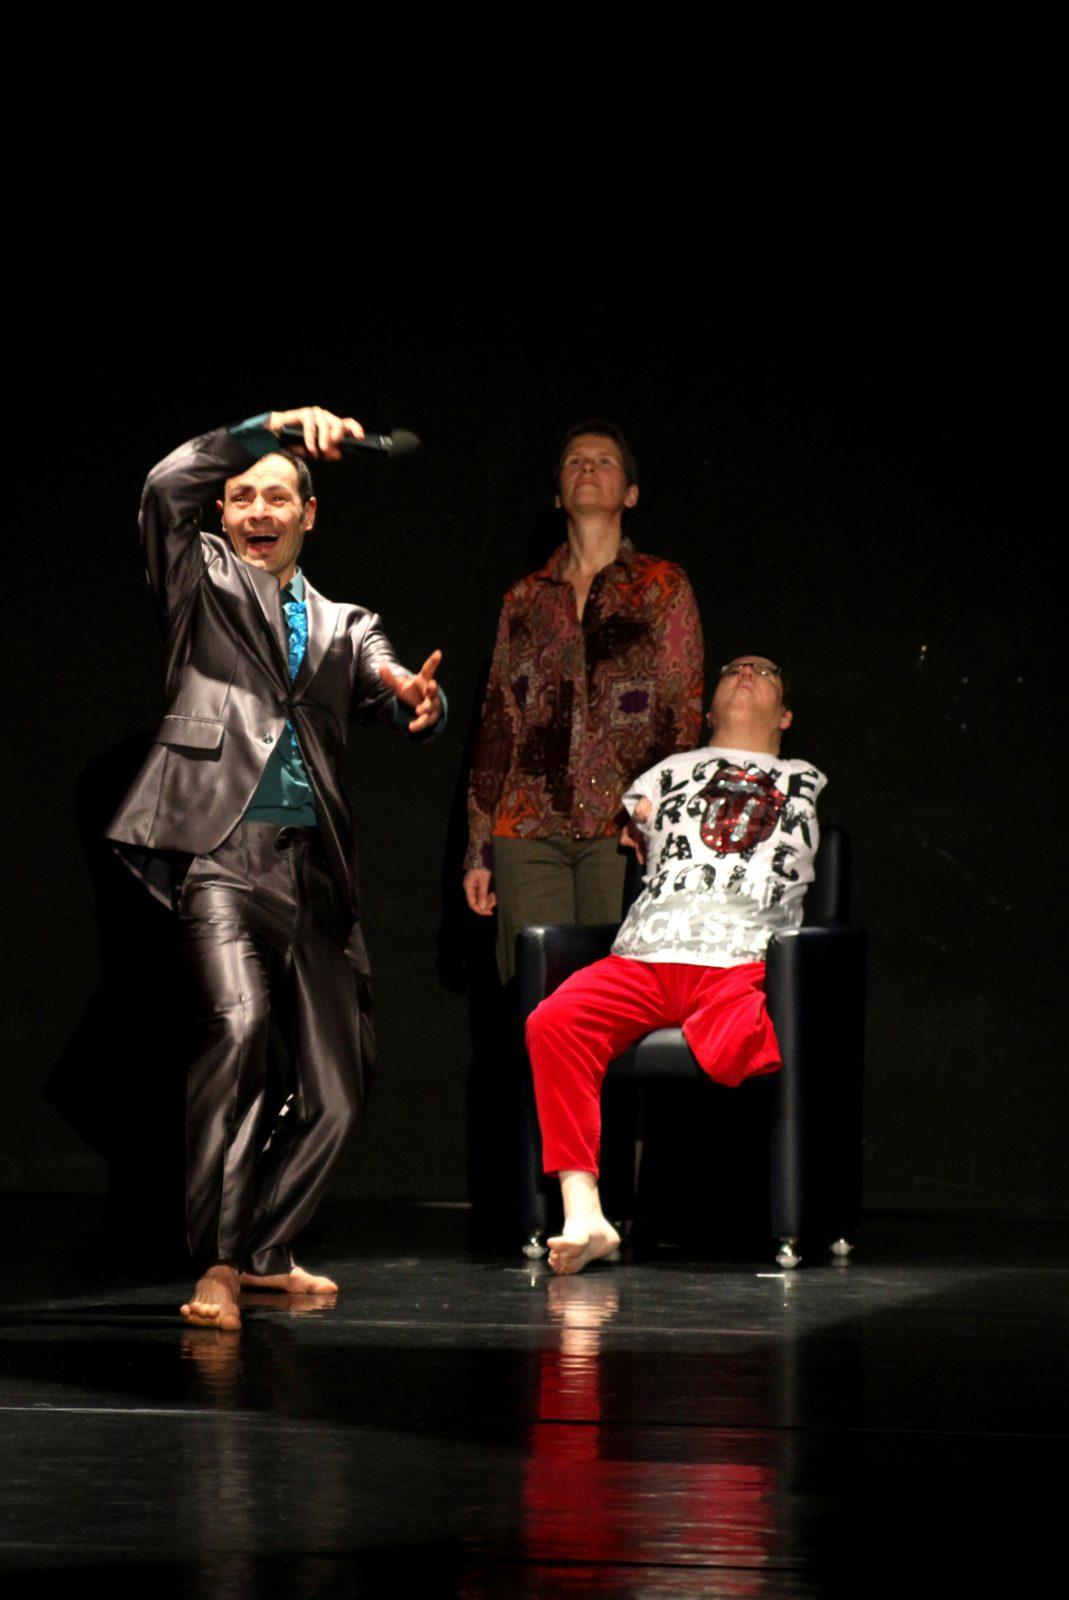 Drei TänzerInnen, einer als Moderator